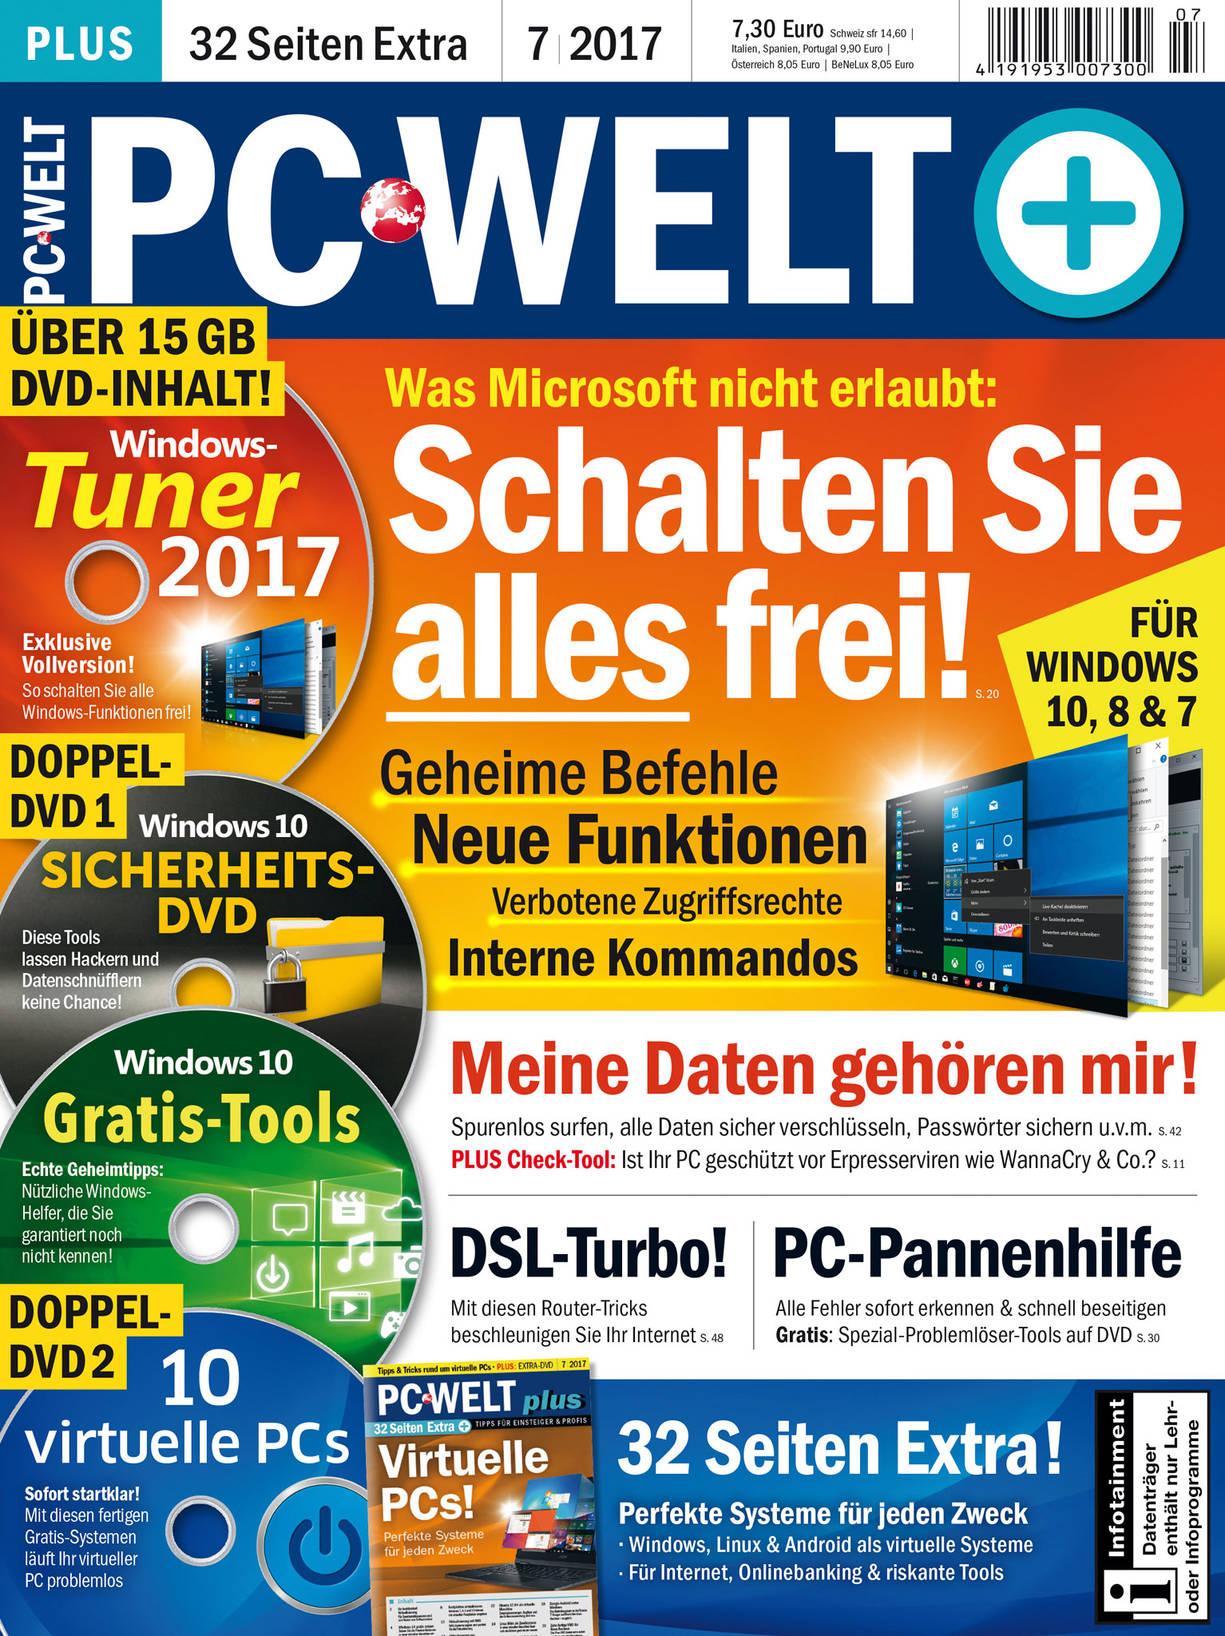 PC-WELT Plus 07/2017 · Einzelausgaben PC-WELT · IDG Shop